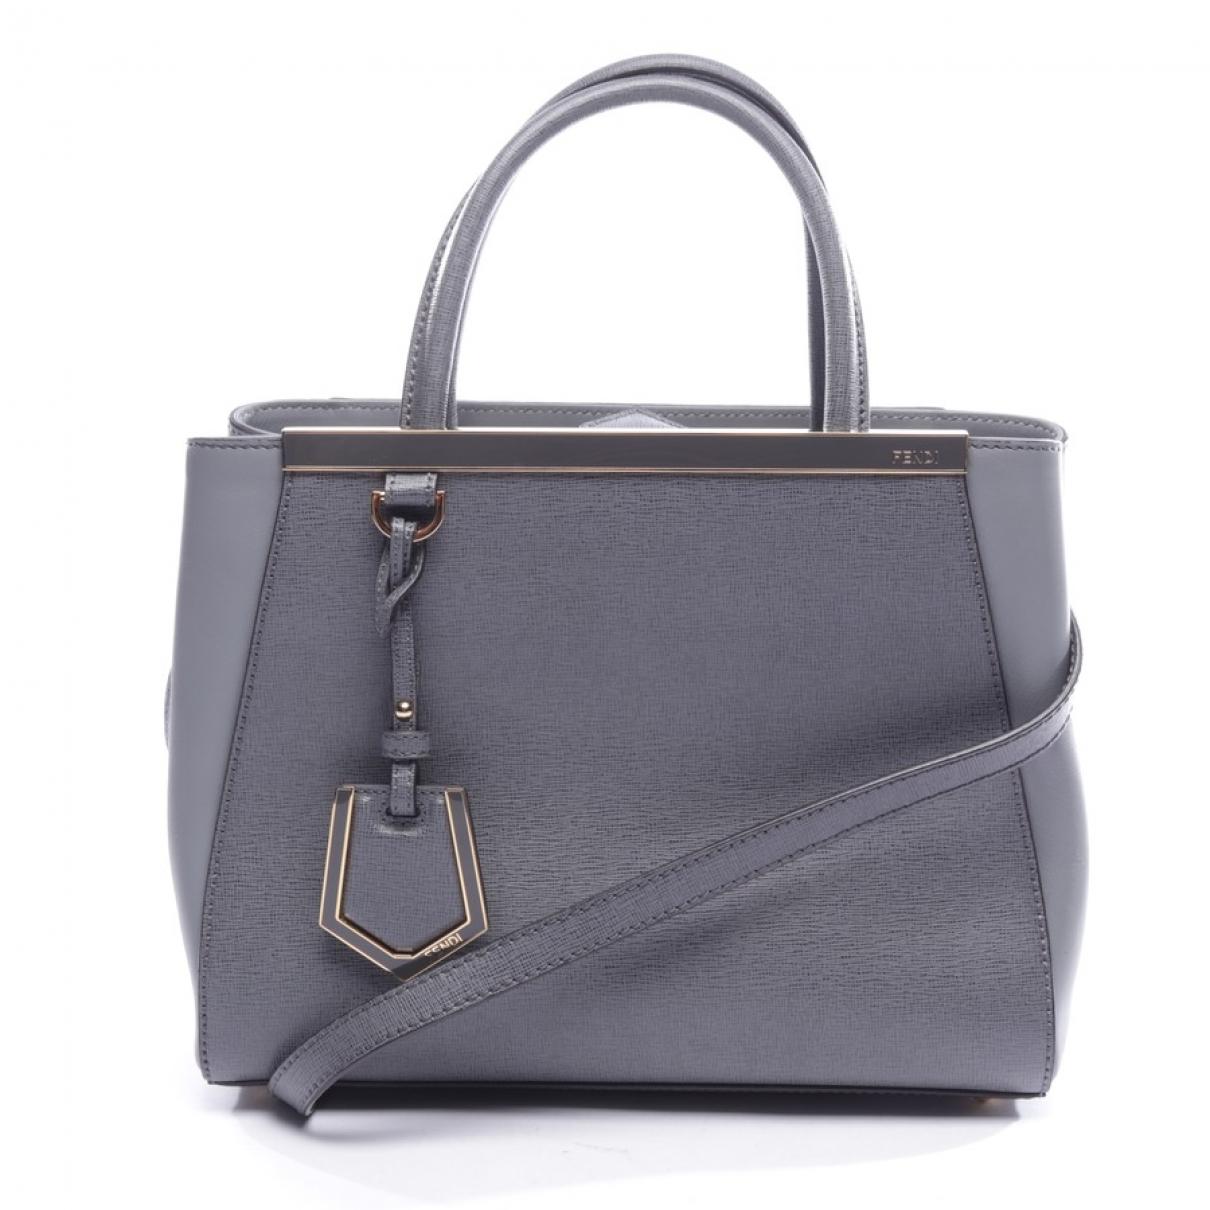 Fendi 2Jours Grey Leather handbag for Women \N